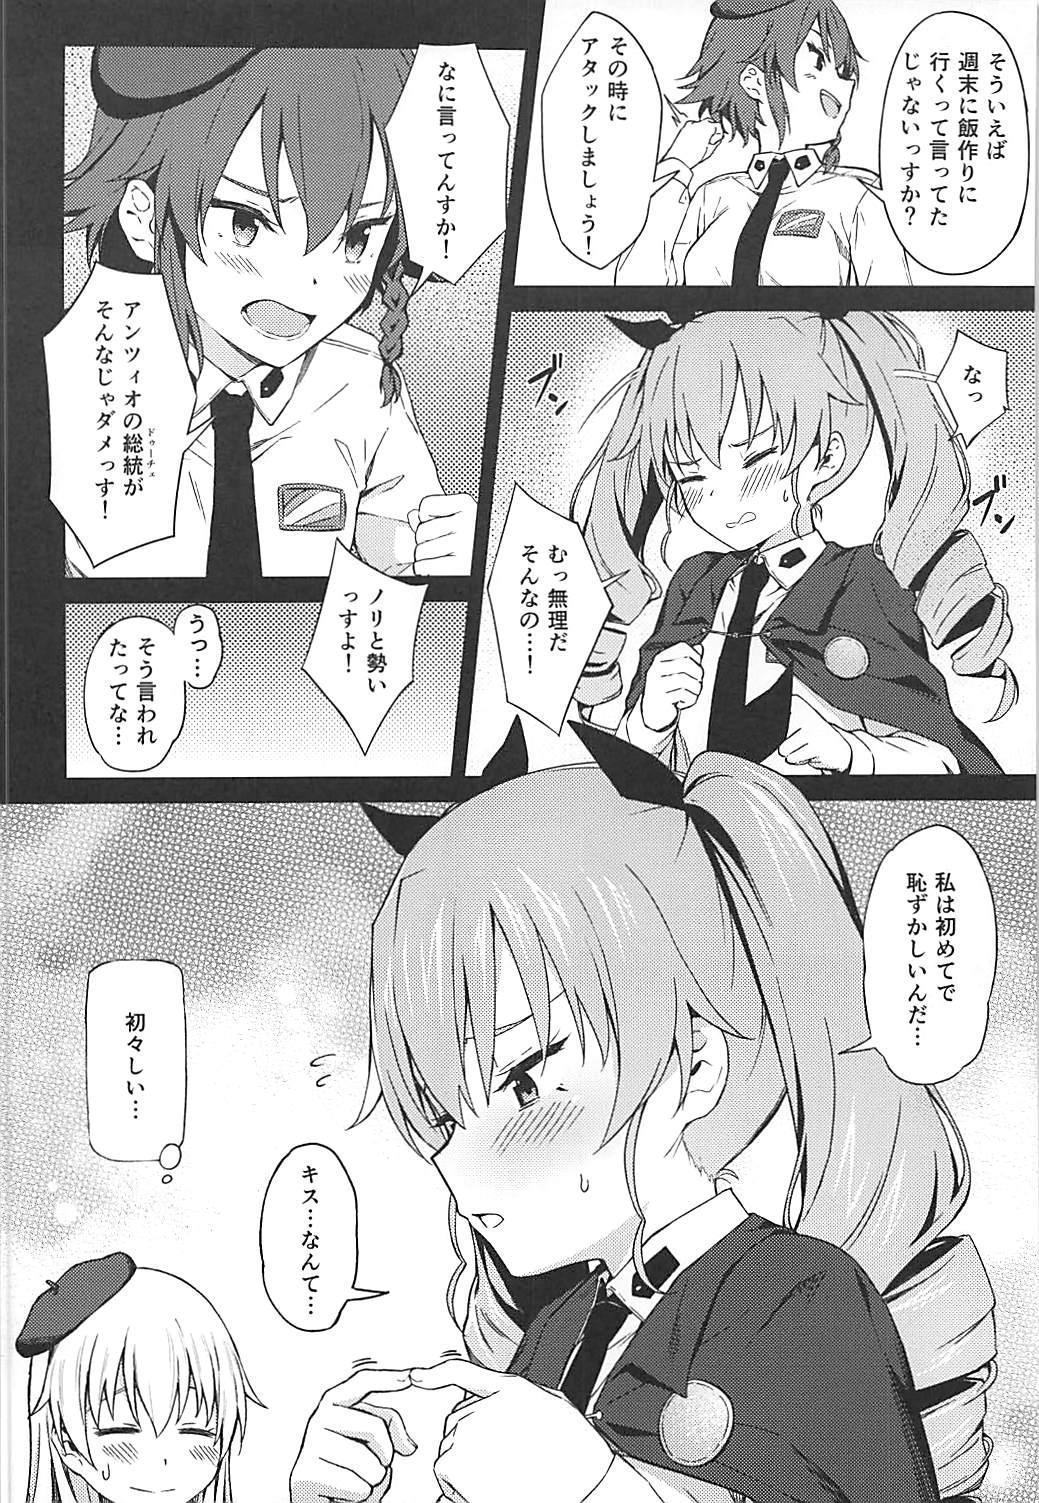 Chiyomi Virgin 2